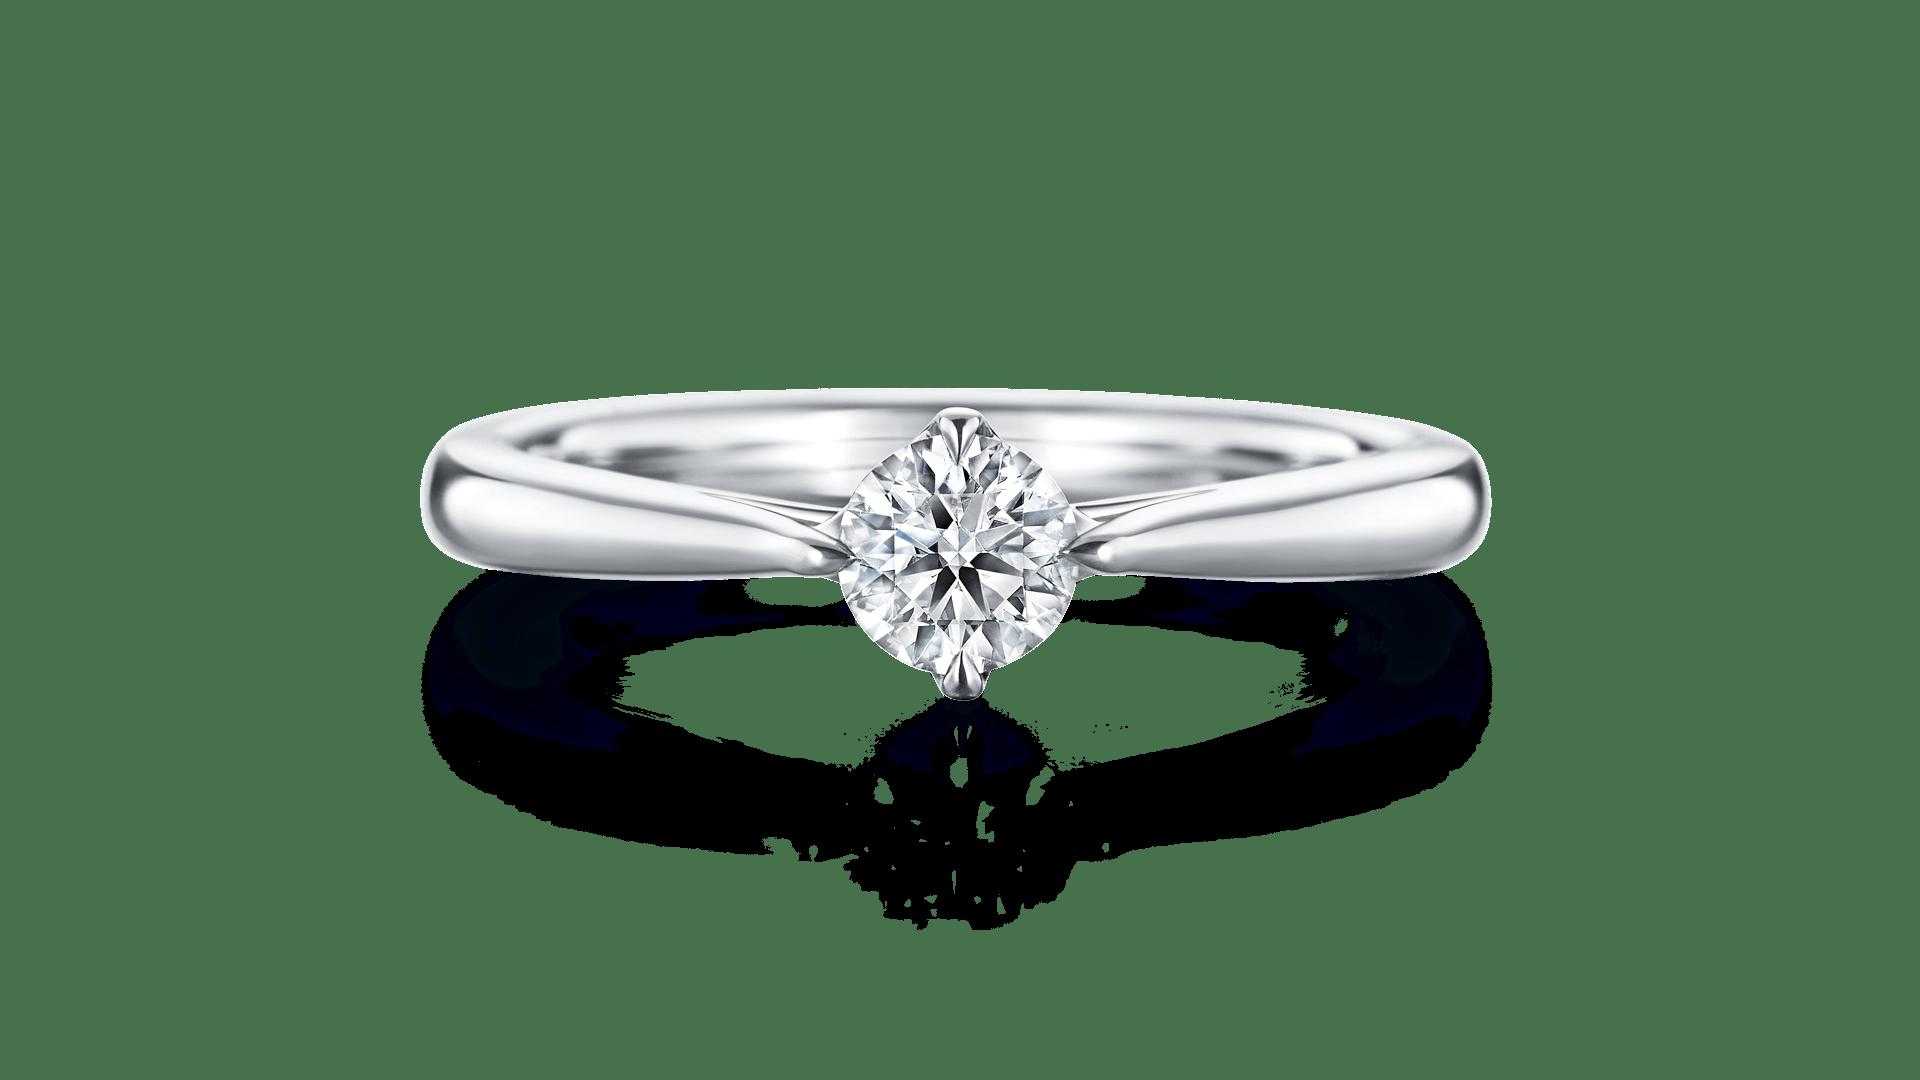 antiare アンティアーレ | 婚約指輪サムネイル 1